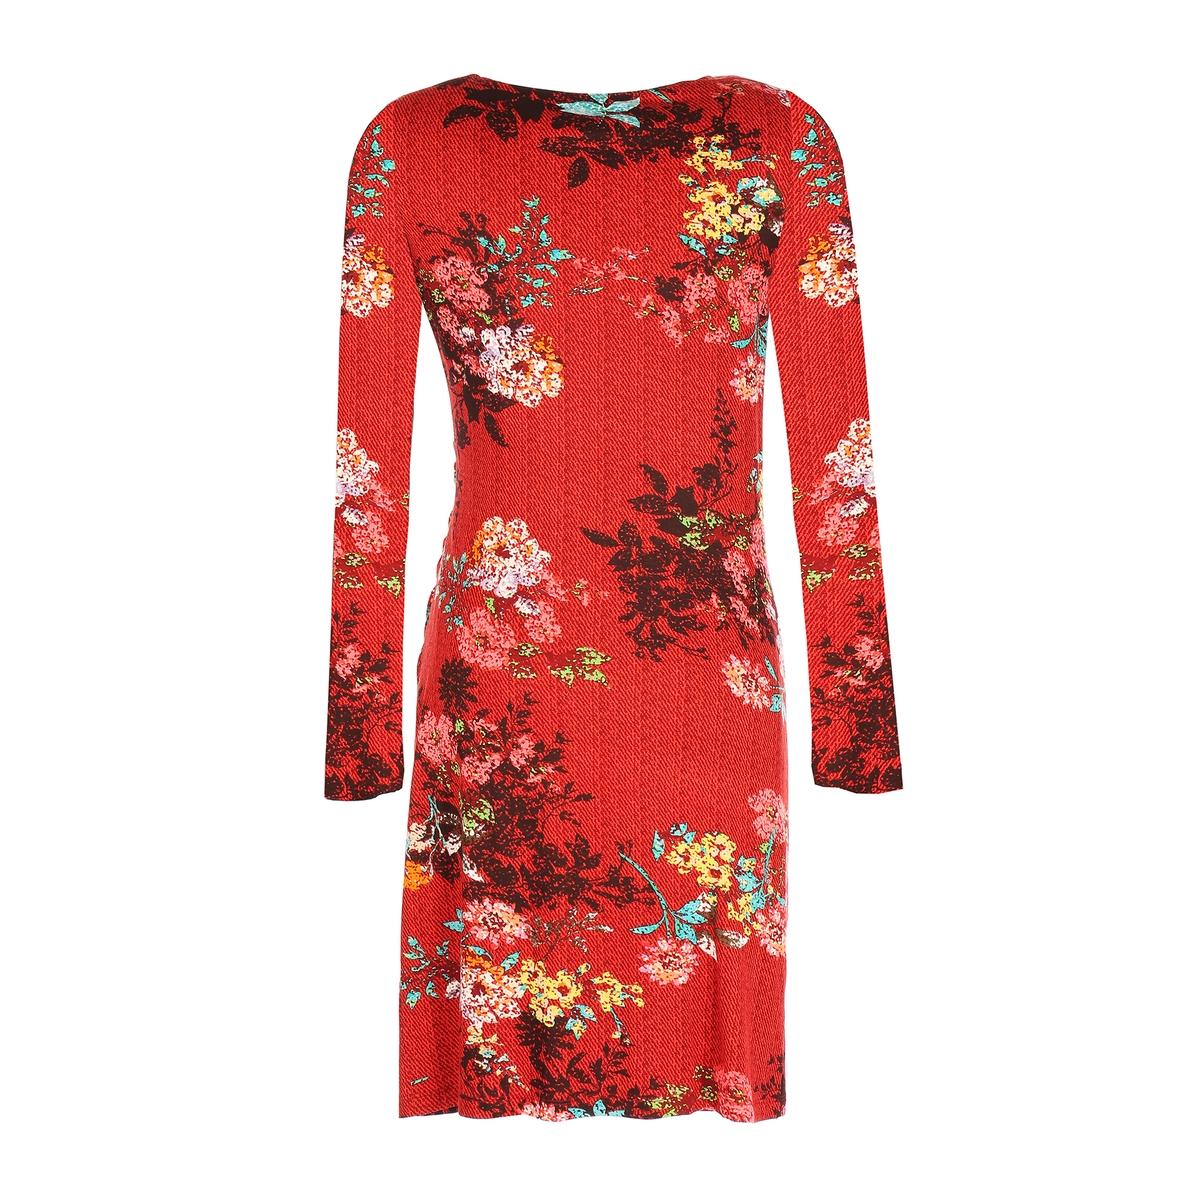 Платье прямого покроя с цветочным рисунком, длина 3/4